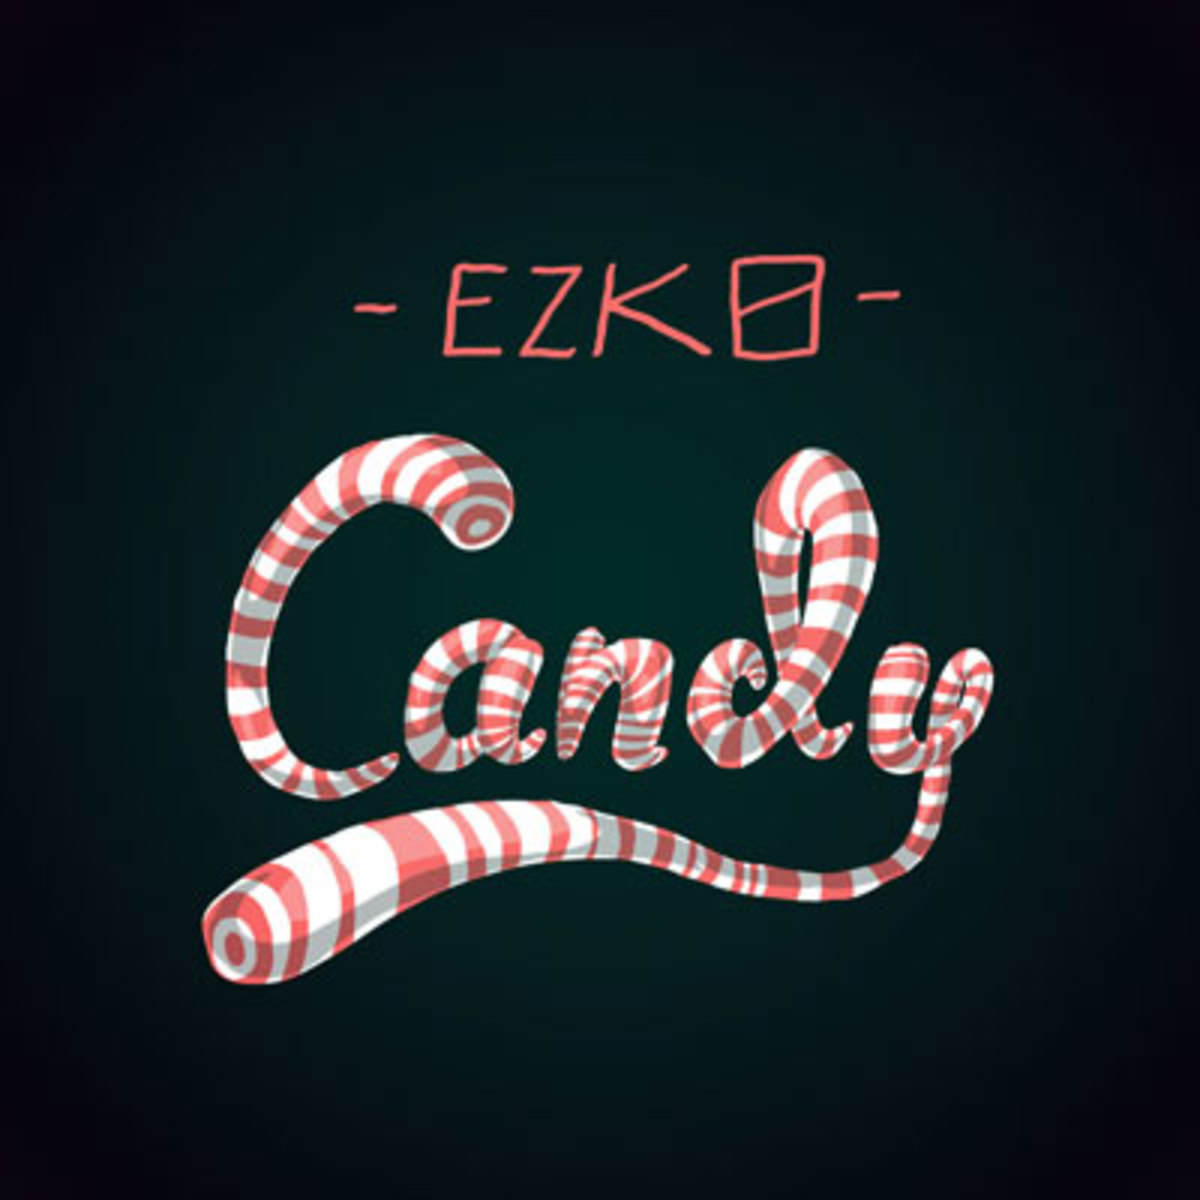 ezko-candy.jpg